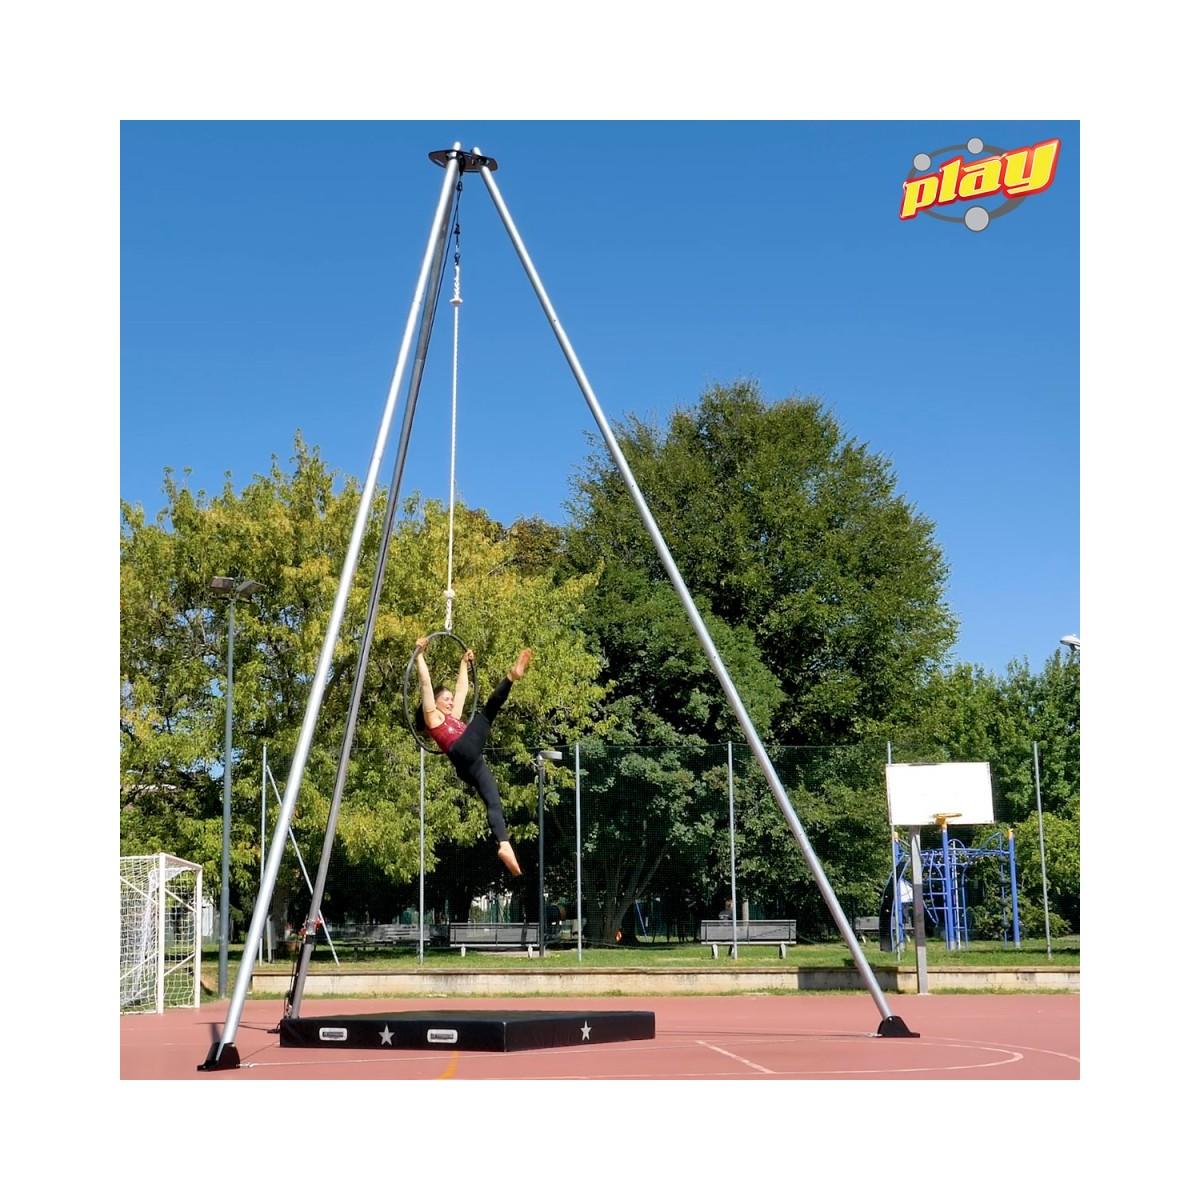 Tripoide autoportante per danza e acrobatica aerea